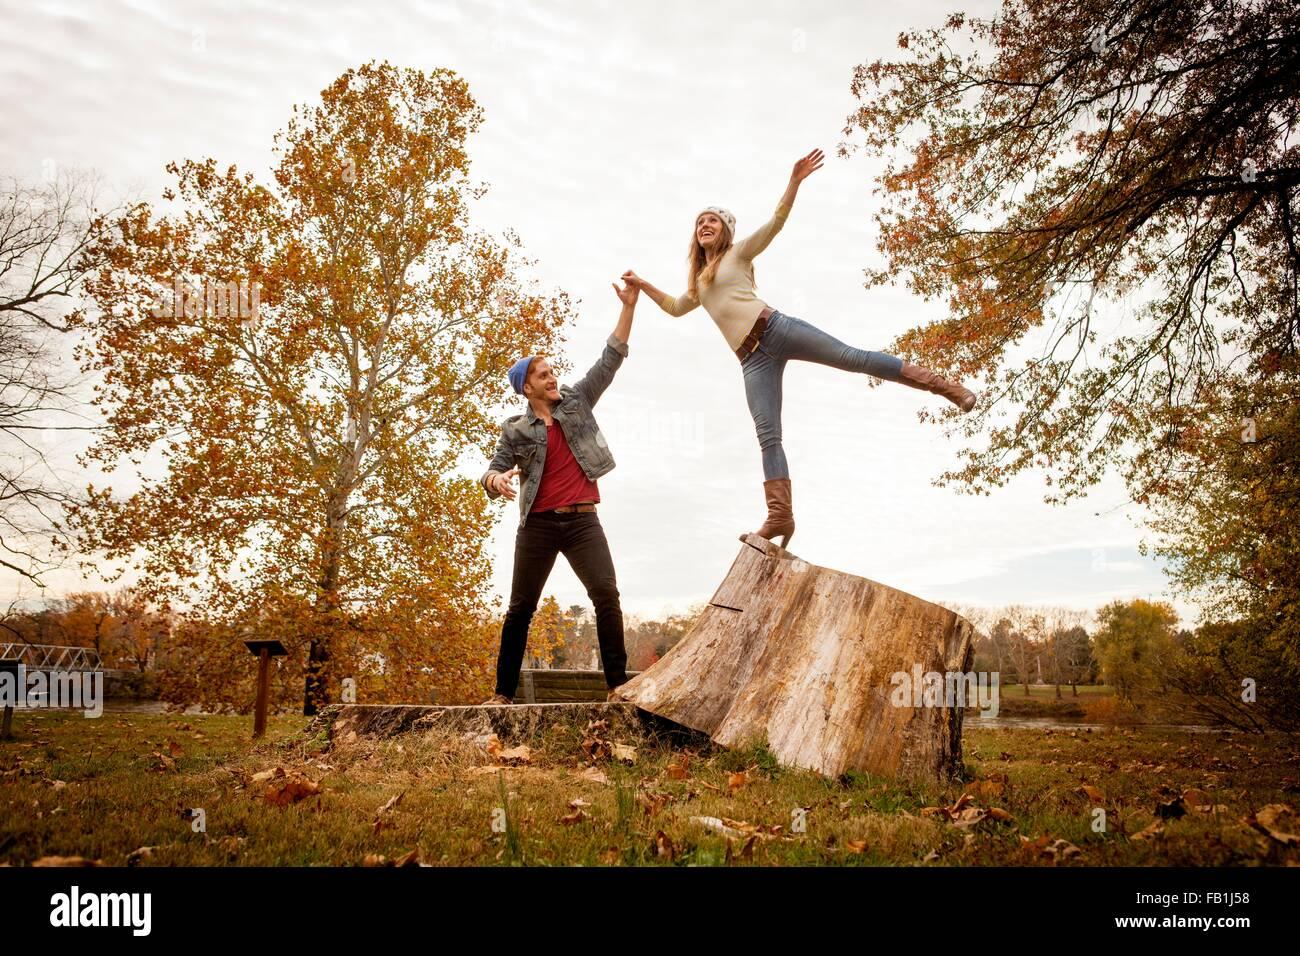 Pareja joven jugando en tocón de árbol en otoño park Foto de stock